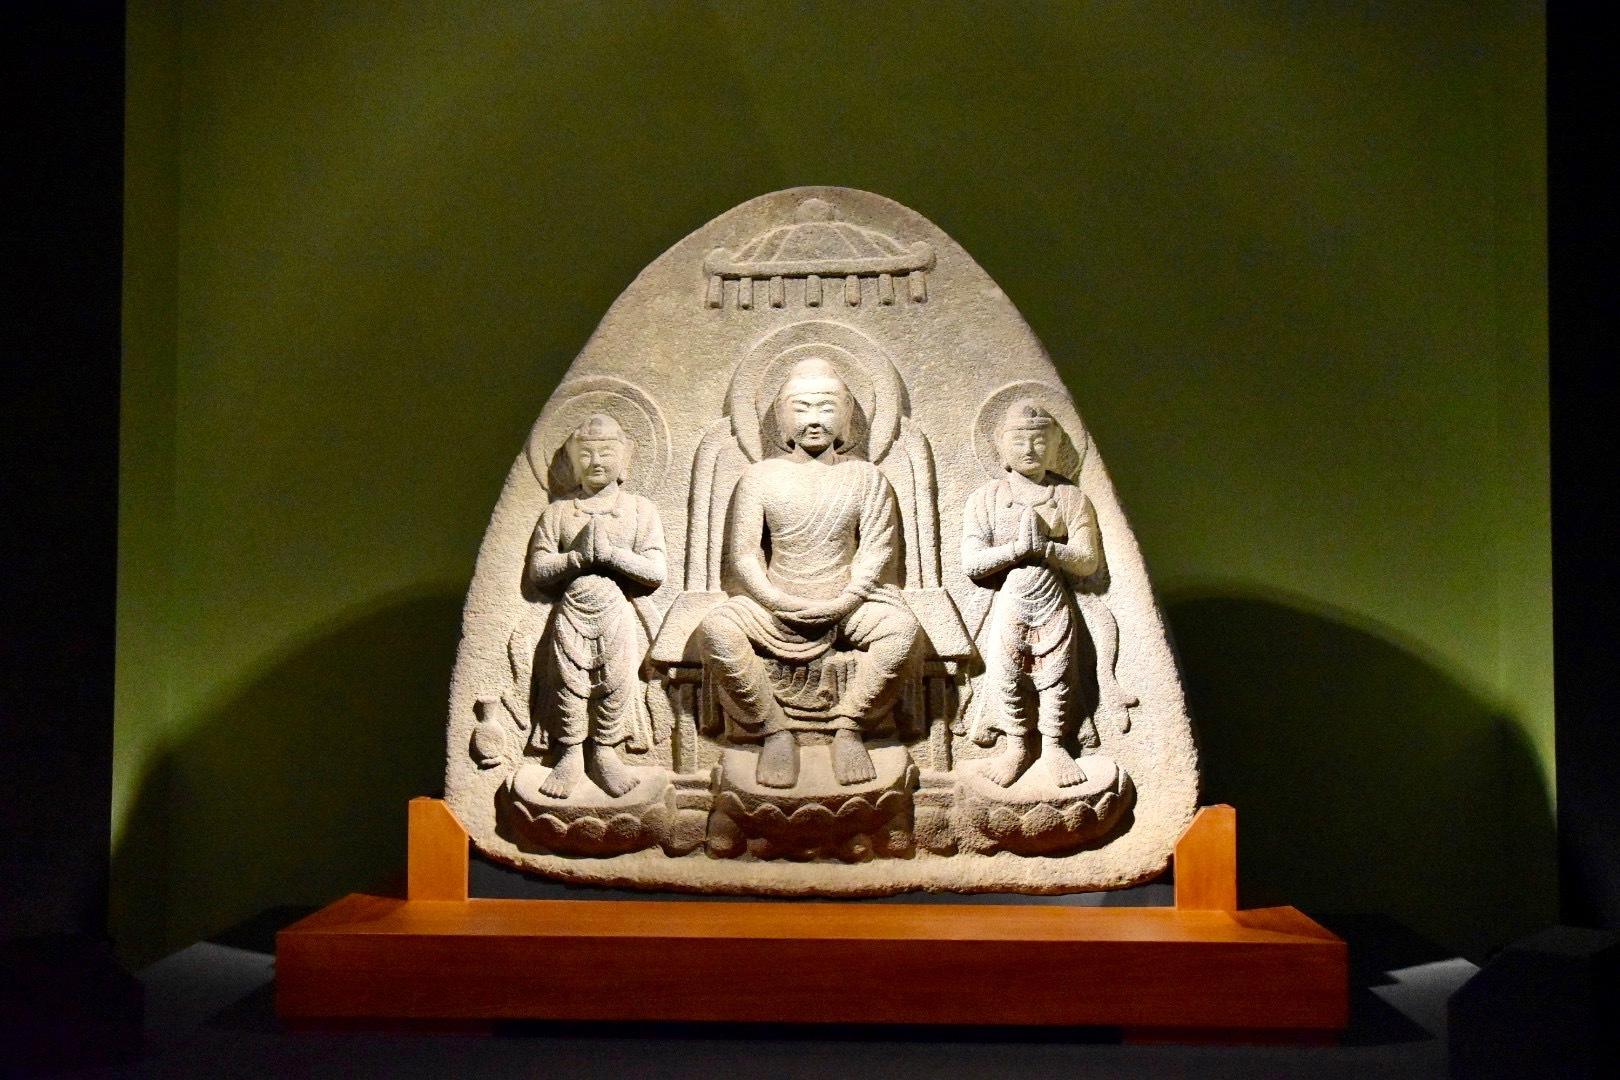 浮彫伝薬師三尊像(重要文化財) 飛鳥〜奈良時代 7〜8世紀 奈良・石位寺